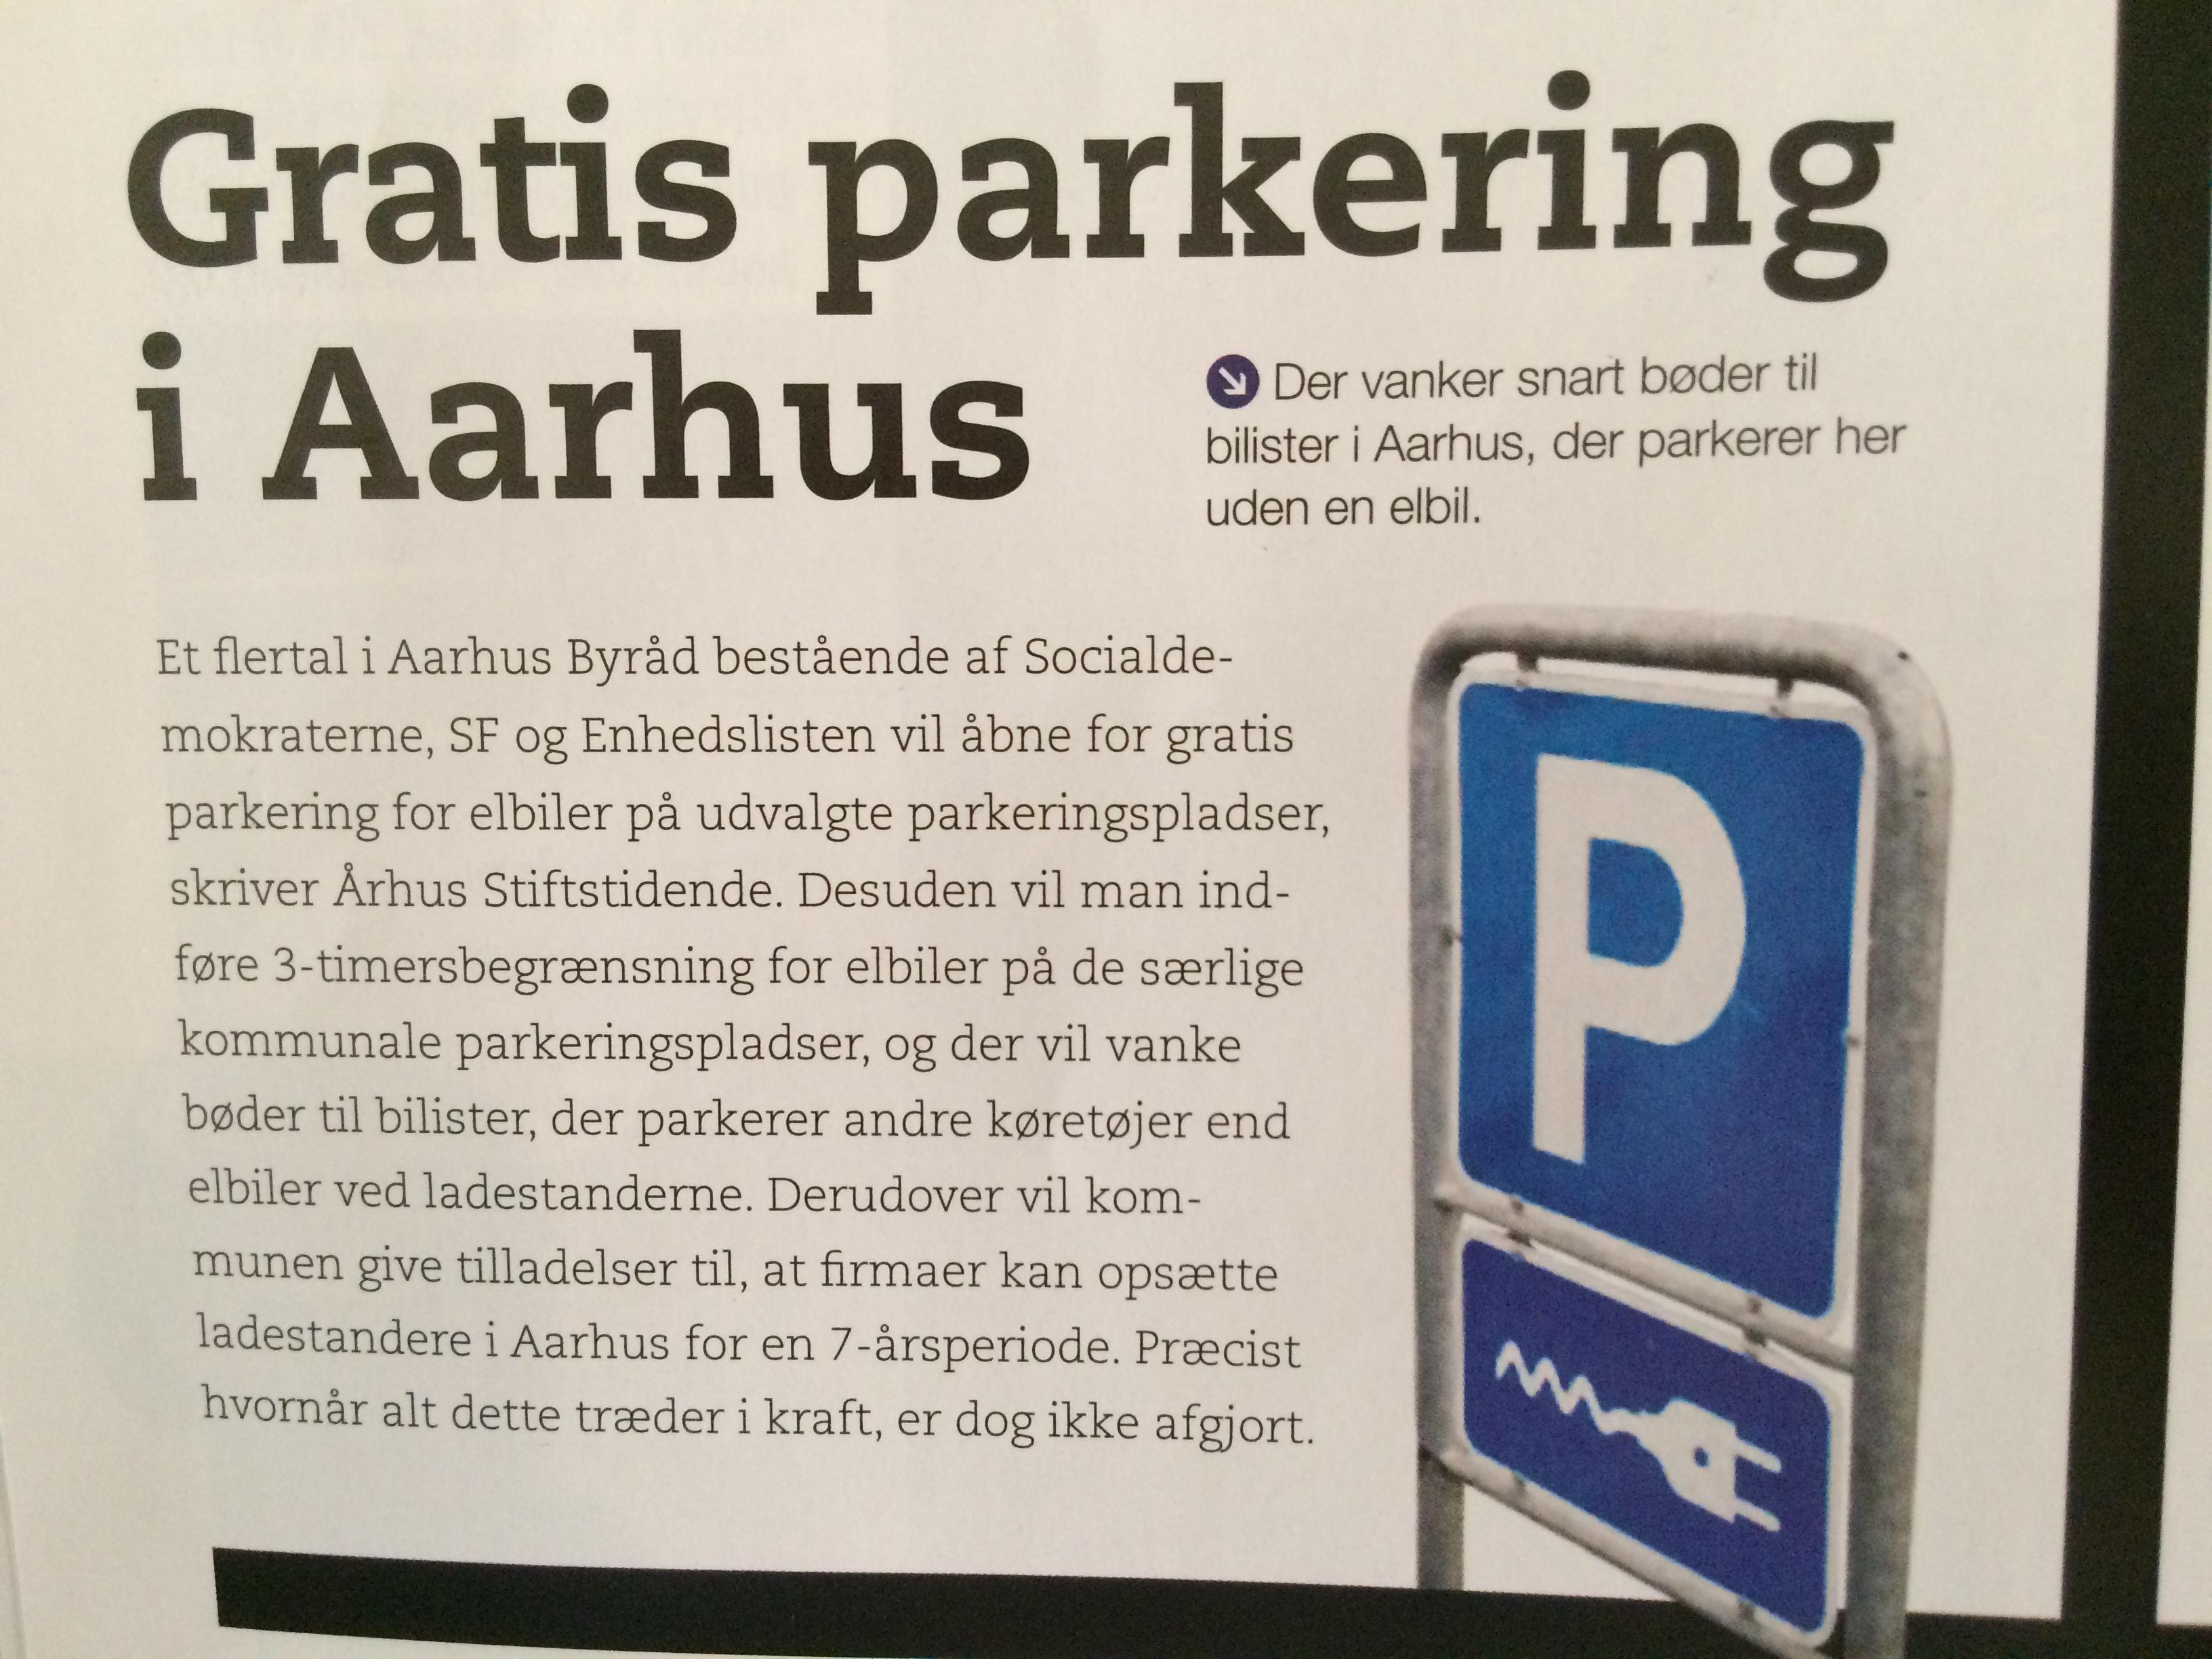 Artikel fra GO om kommende nye regler for elbil-parkering i Århus